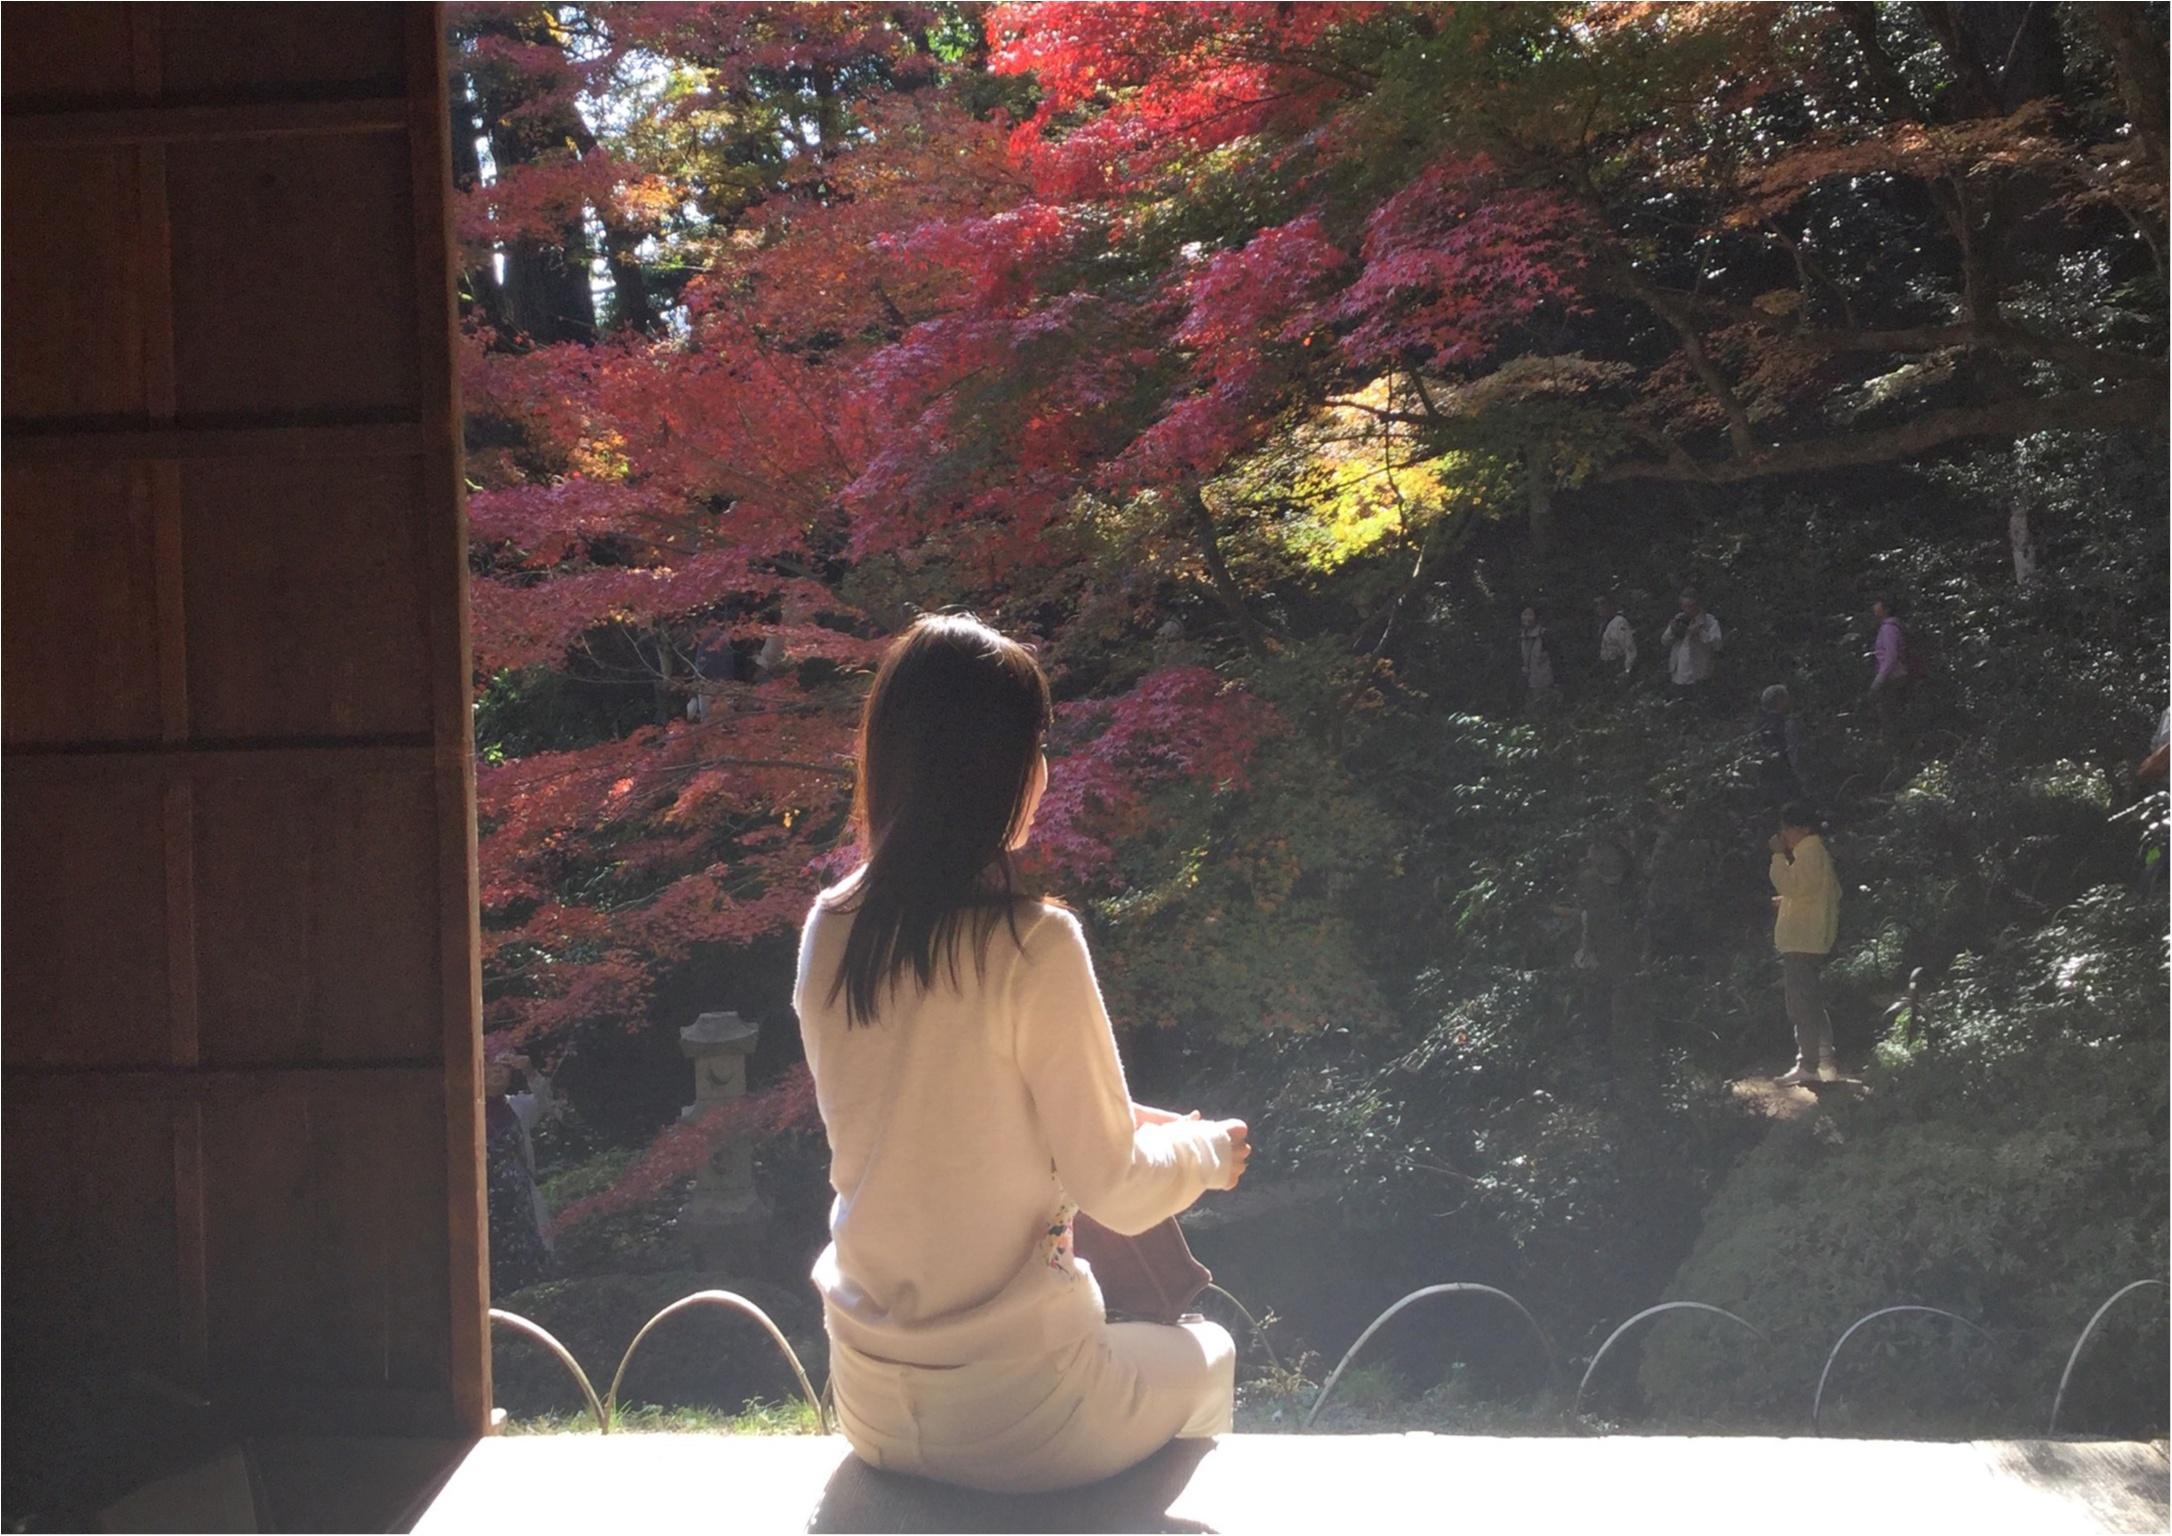 【#紅葉デート】春と秋に2週の週末しか一般公開されない!広島県を代表する紅葉スポット『吉水園』♡_2